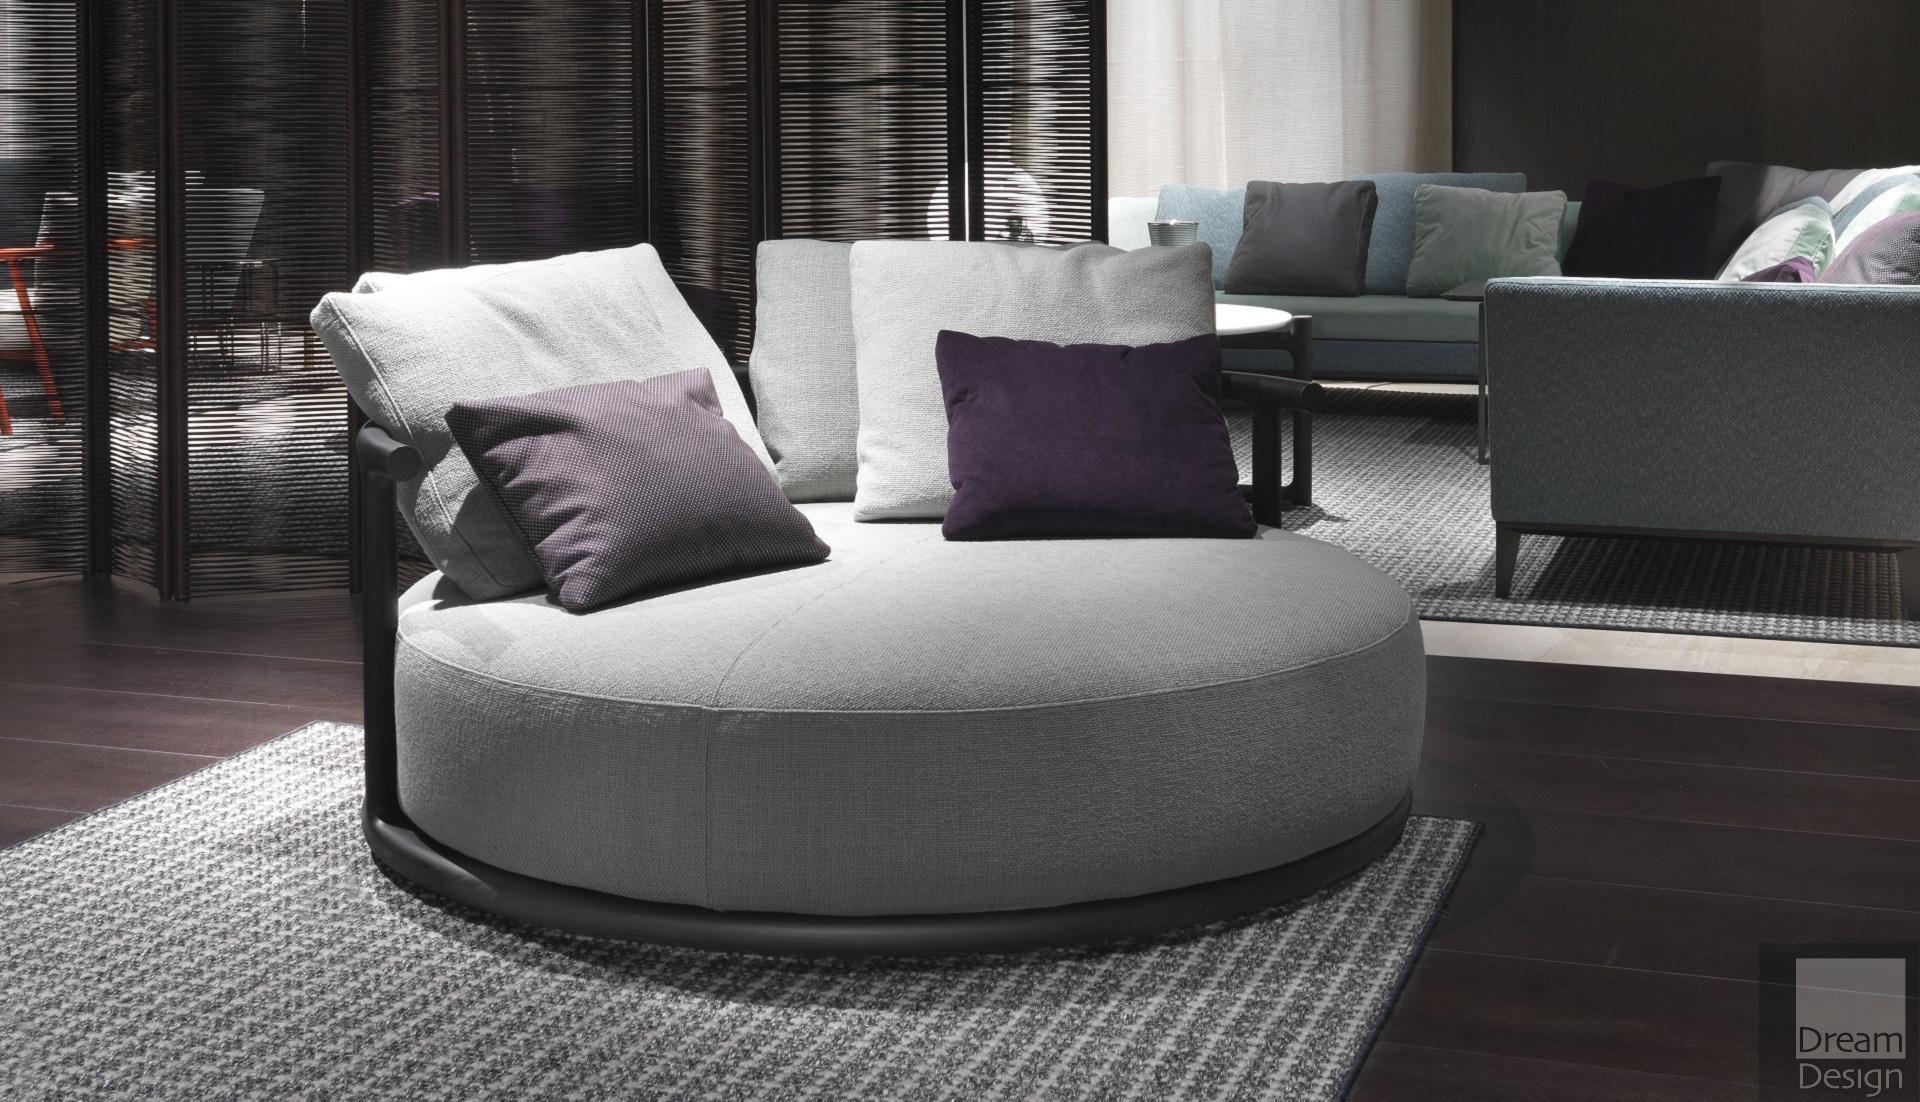 Flexform Mood Icaro Round Sofa Dream Design Interiors Ltd